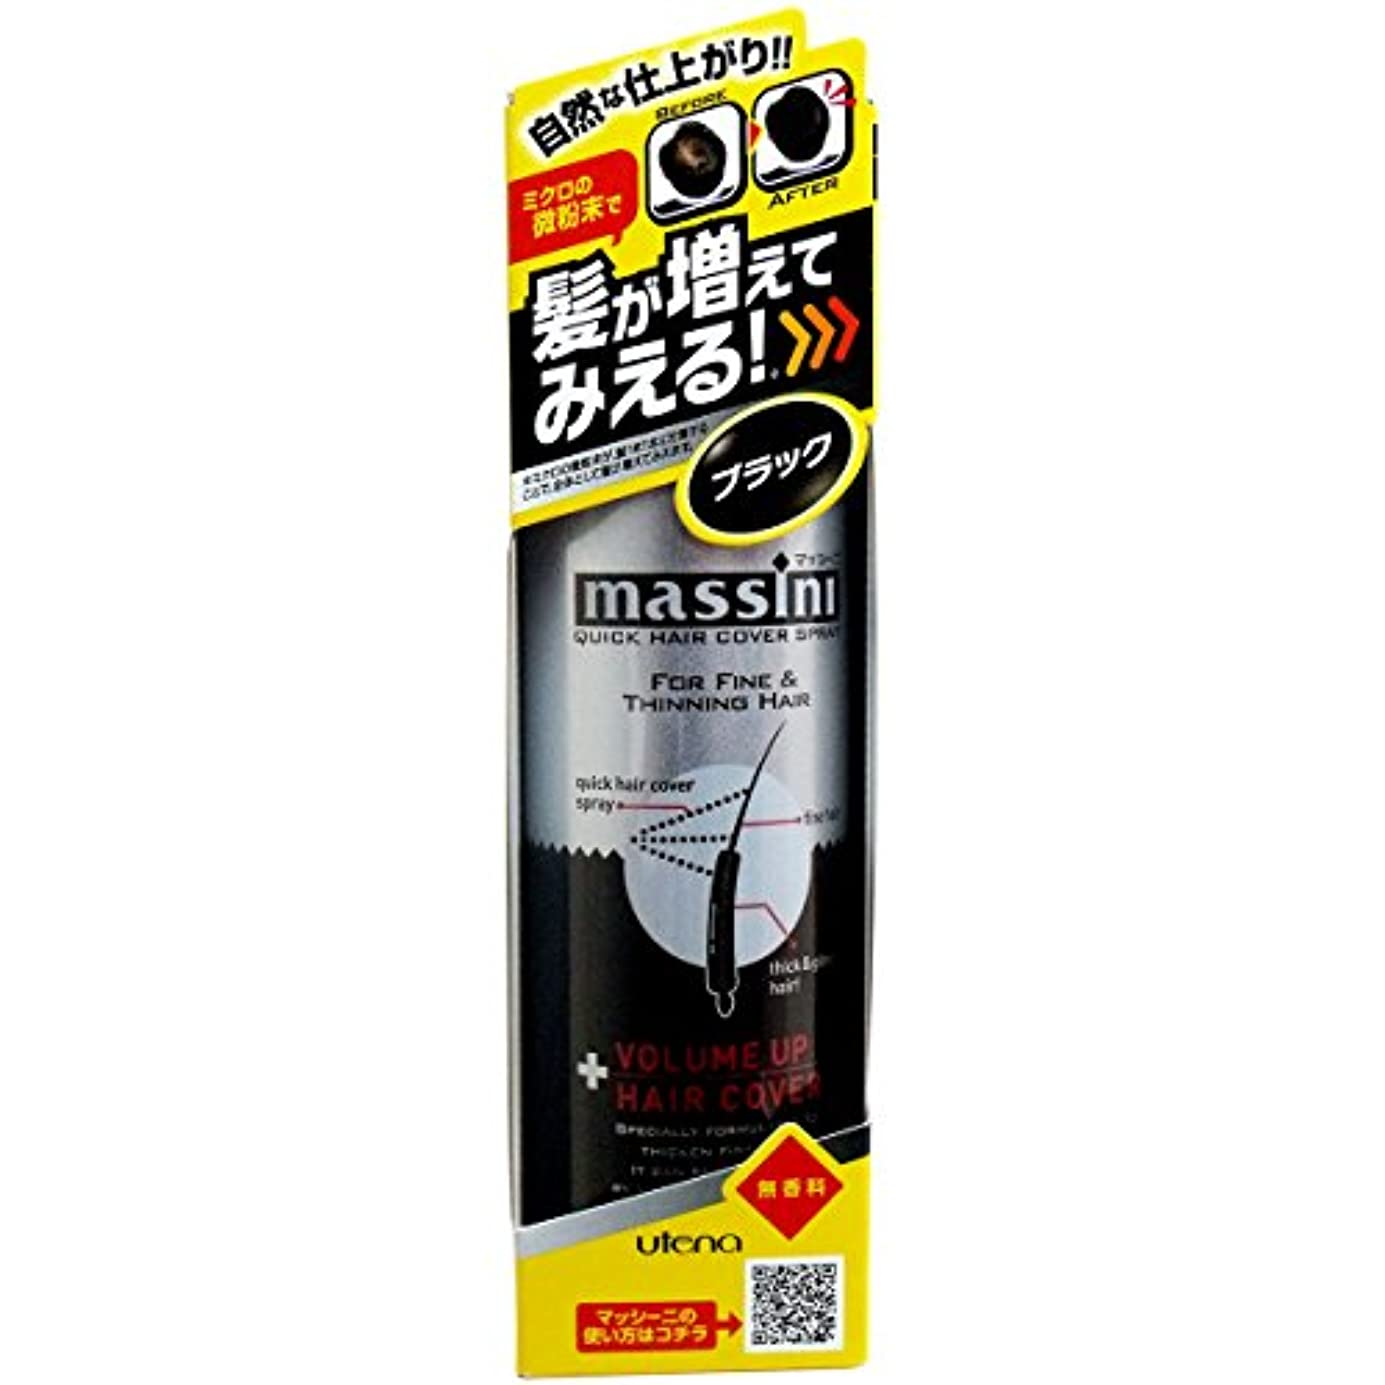 反論者シリーズ試み【ウテナ】マッシーニ クィックヘアカバースプレー(ブラック) 140g ×10個セット